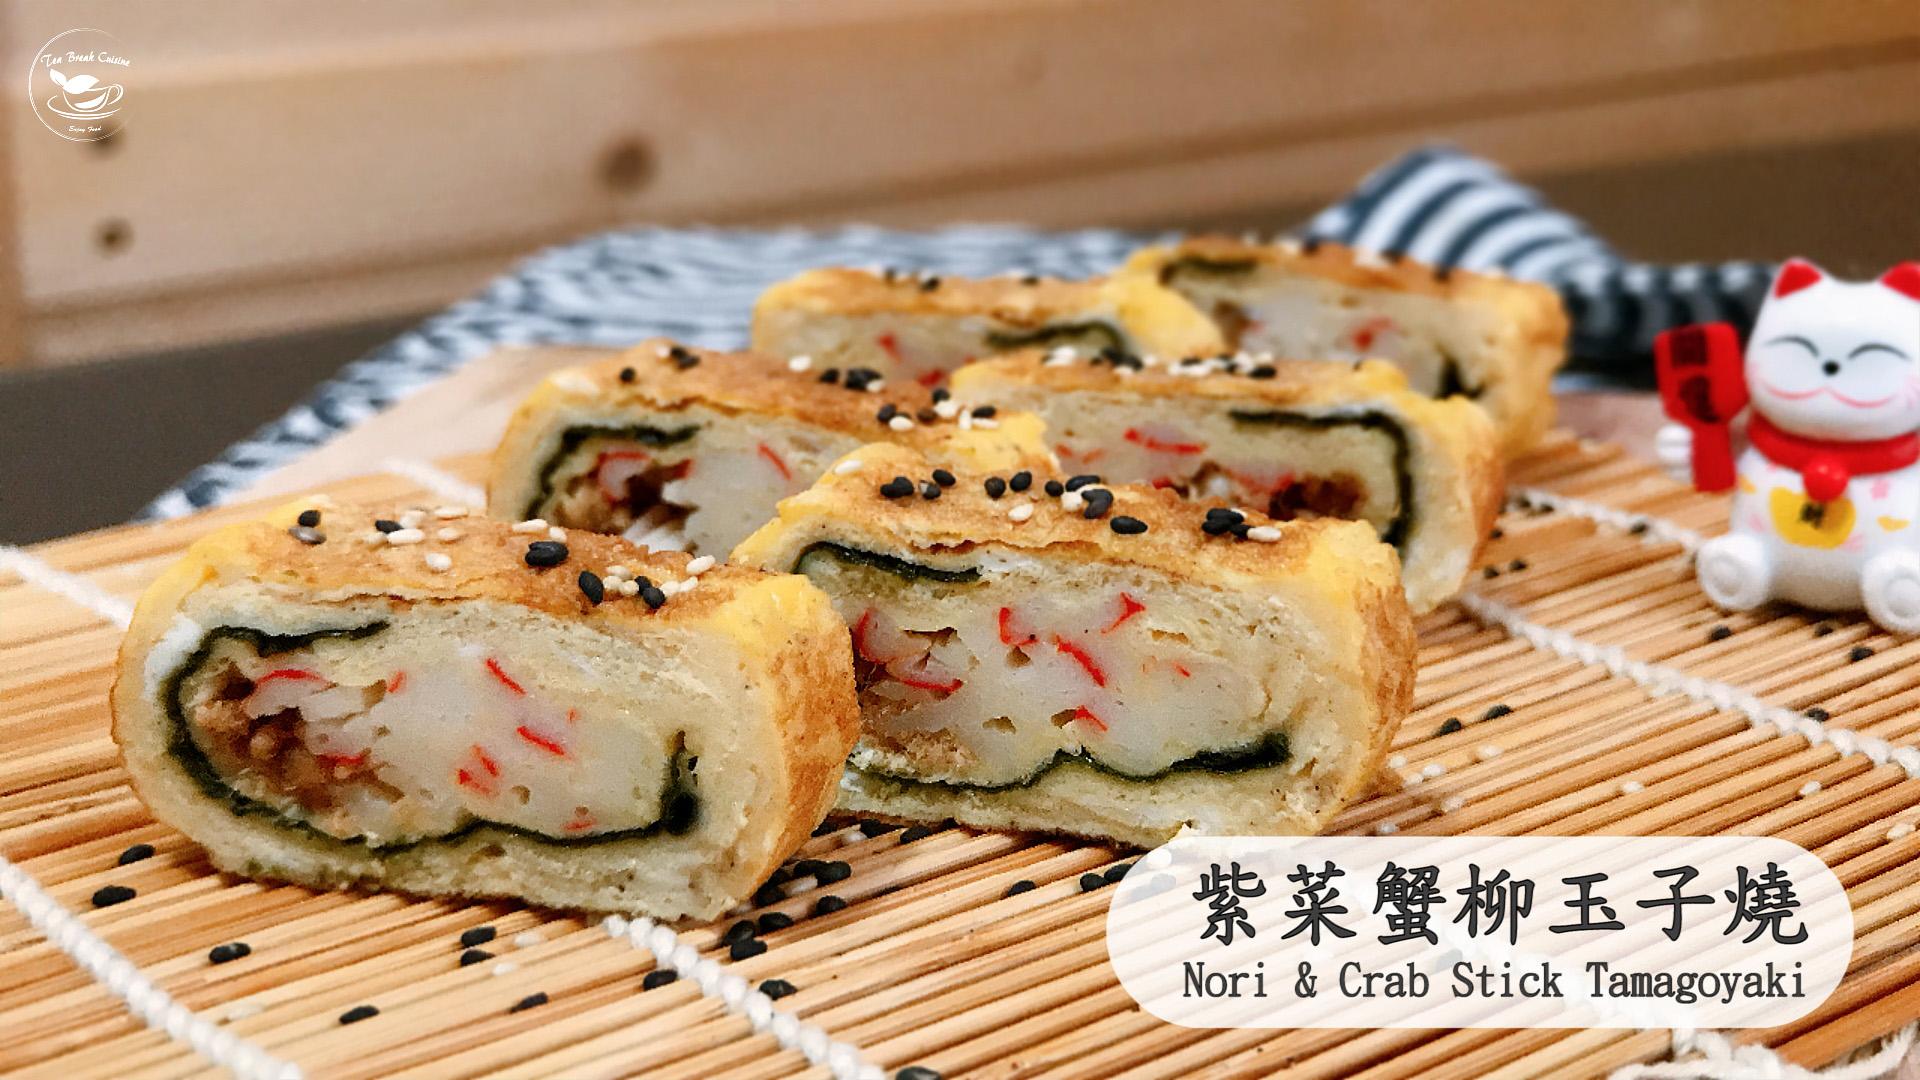 【影片】紫菜蟹柳玉子燒